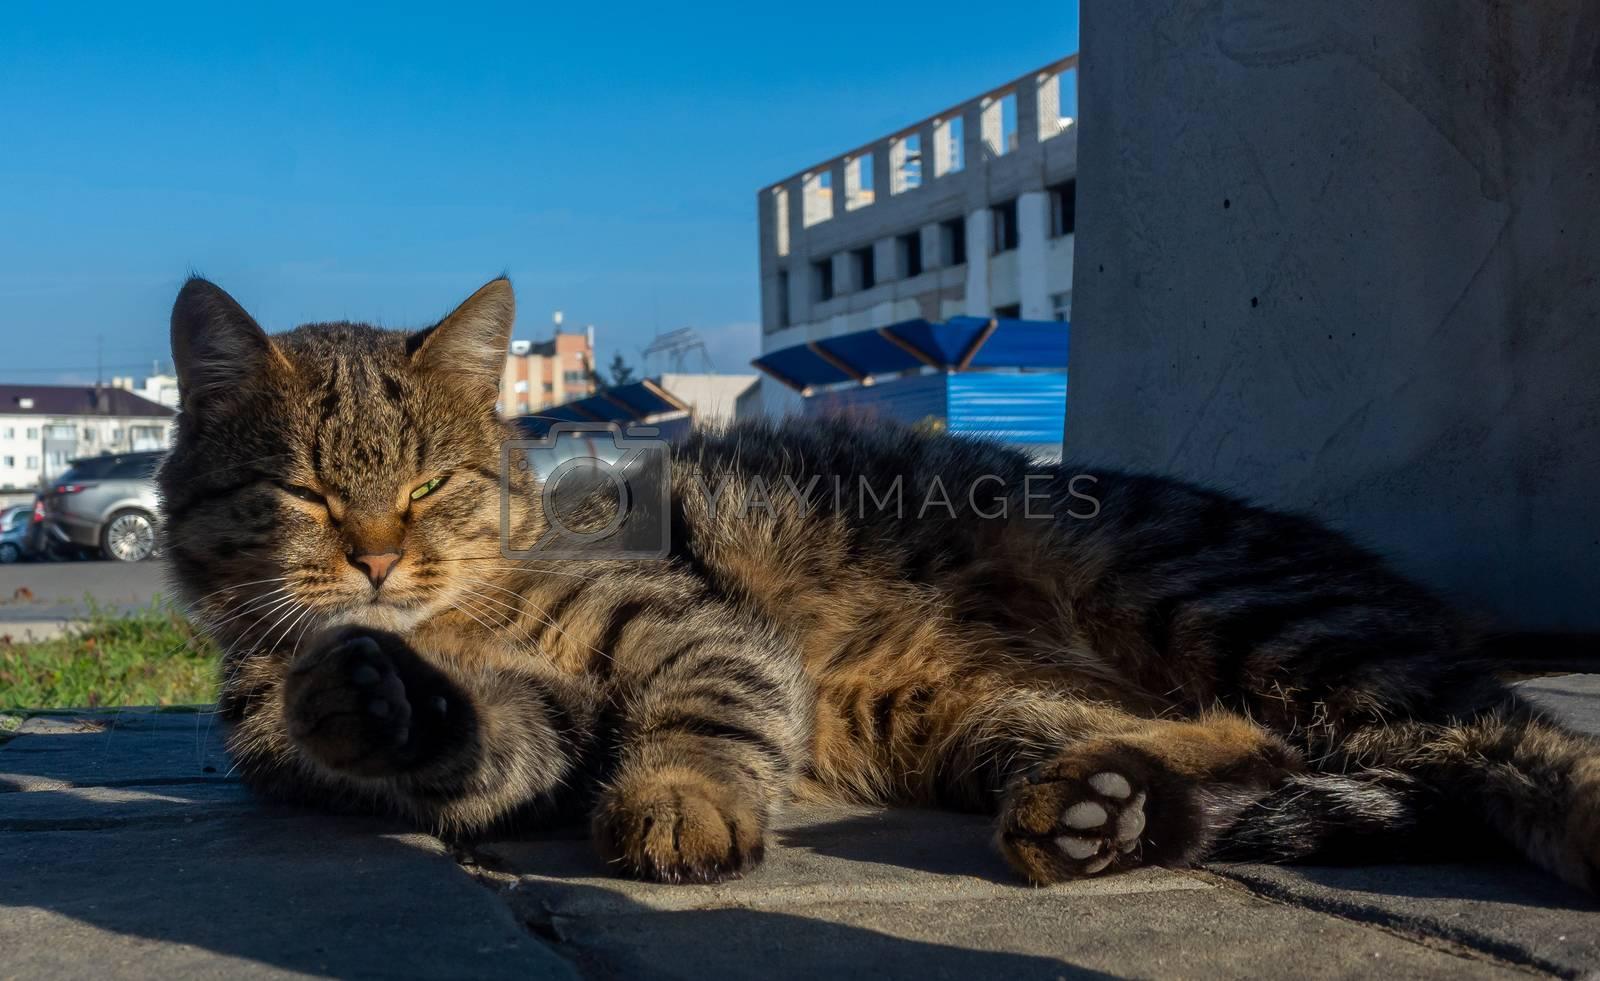 A yard cat sleeps in the warm autumn sun.